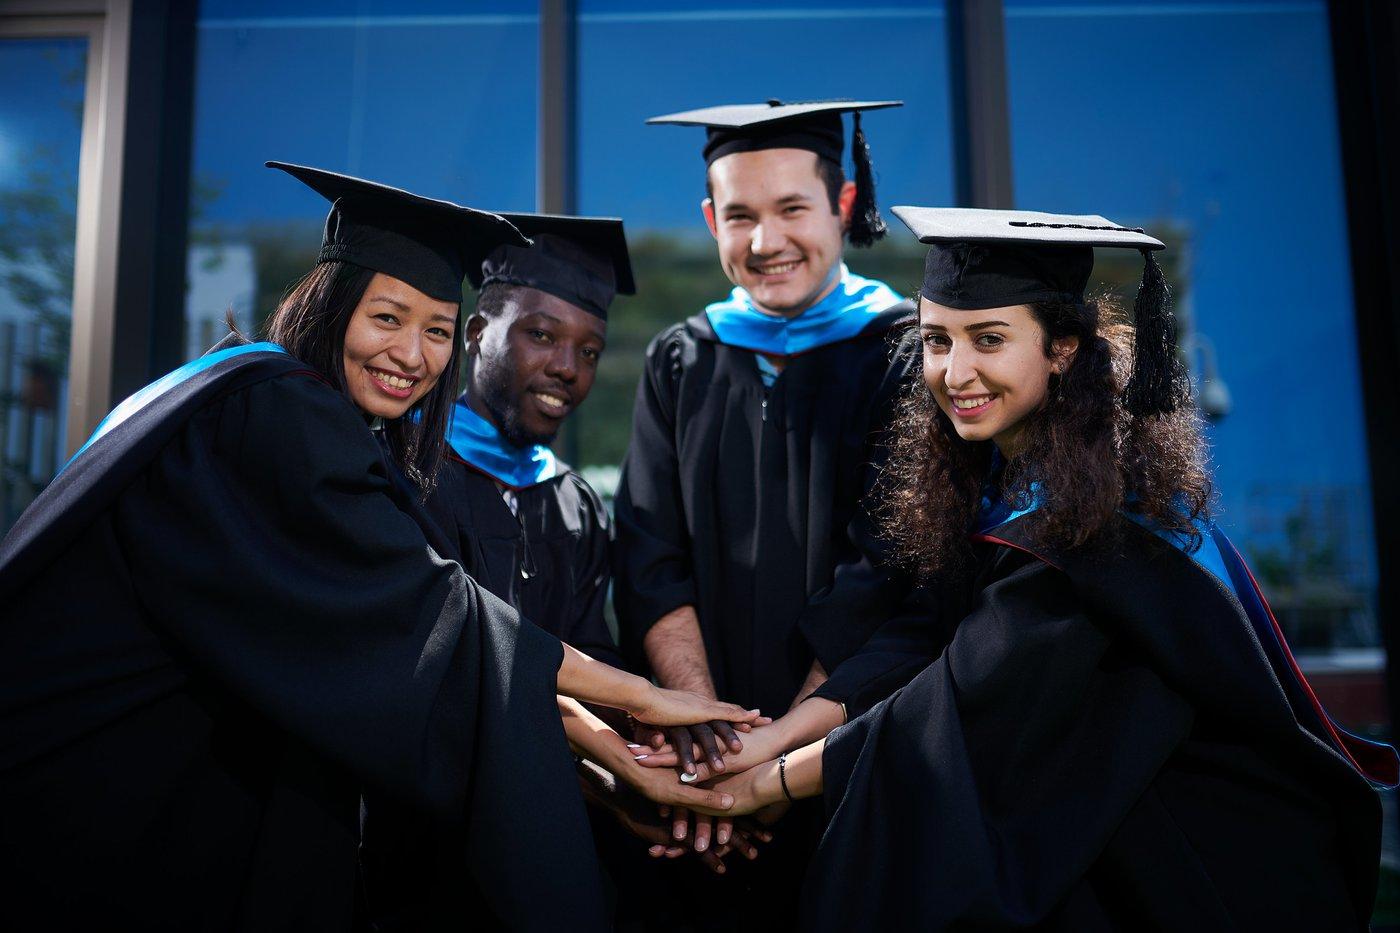 CEU students